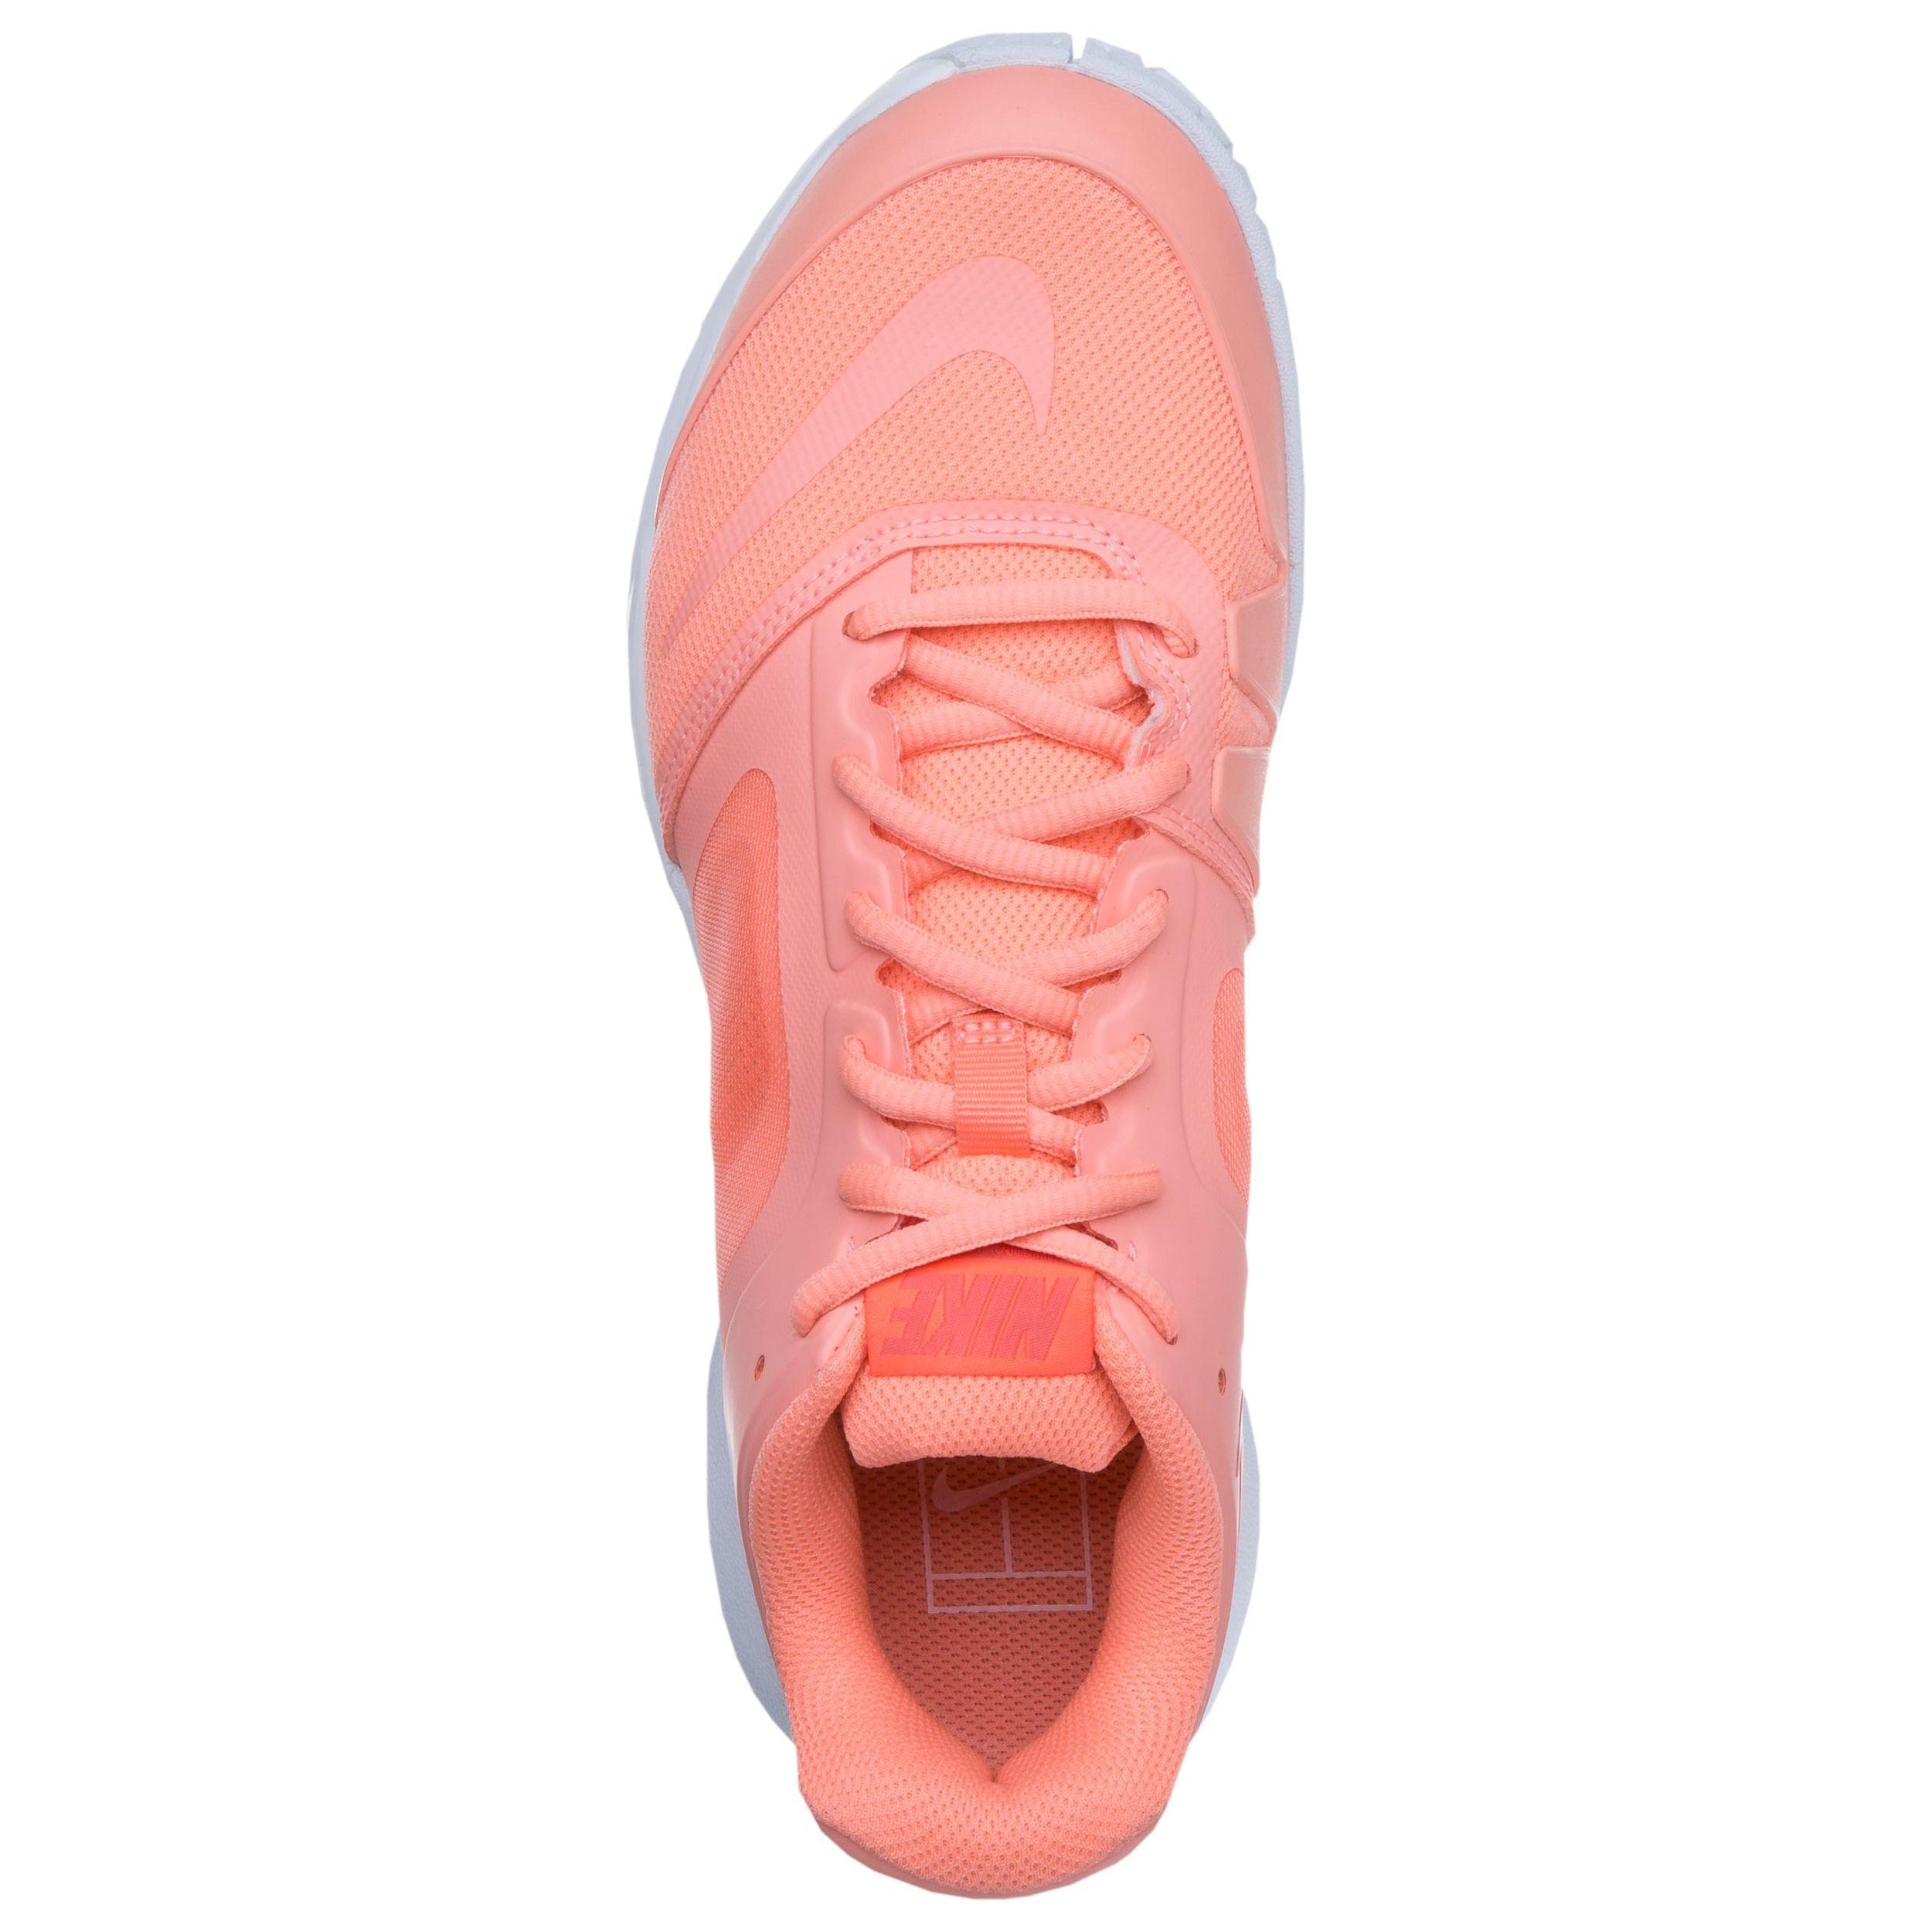 Nike Dual Fusion Ballistec Advantage Exclusive Allcourt sko